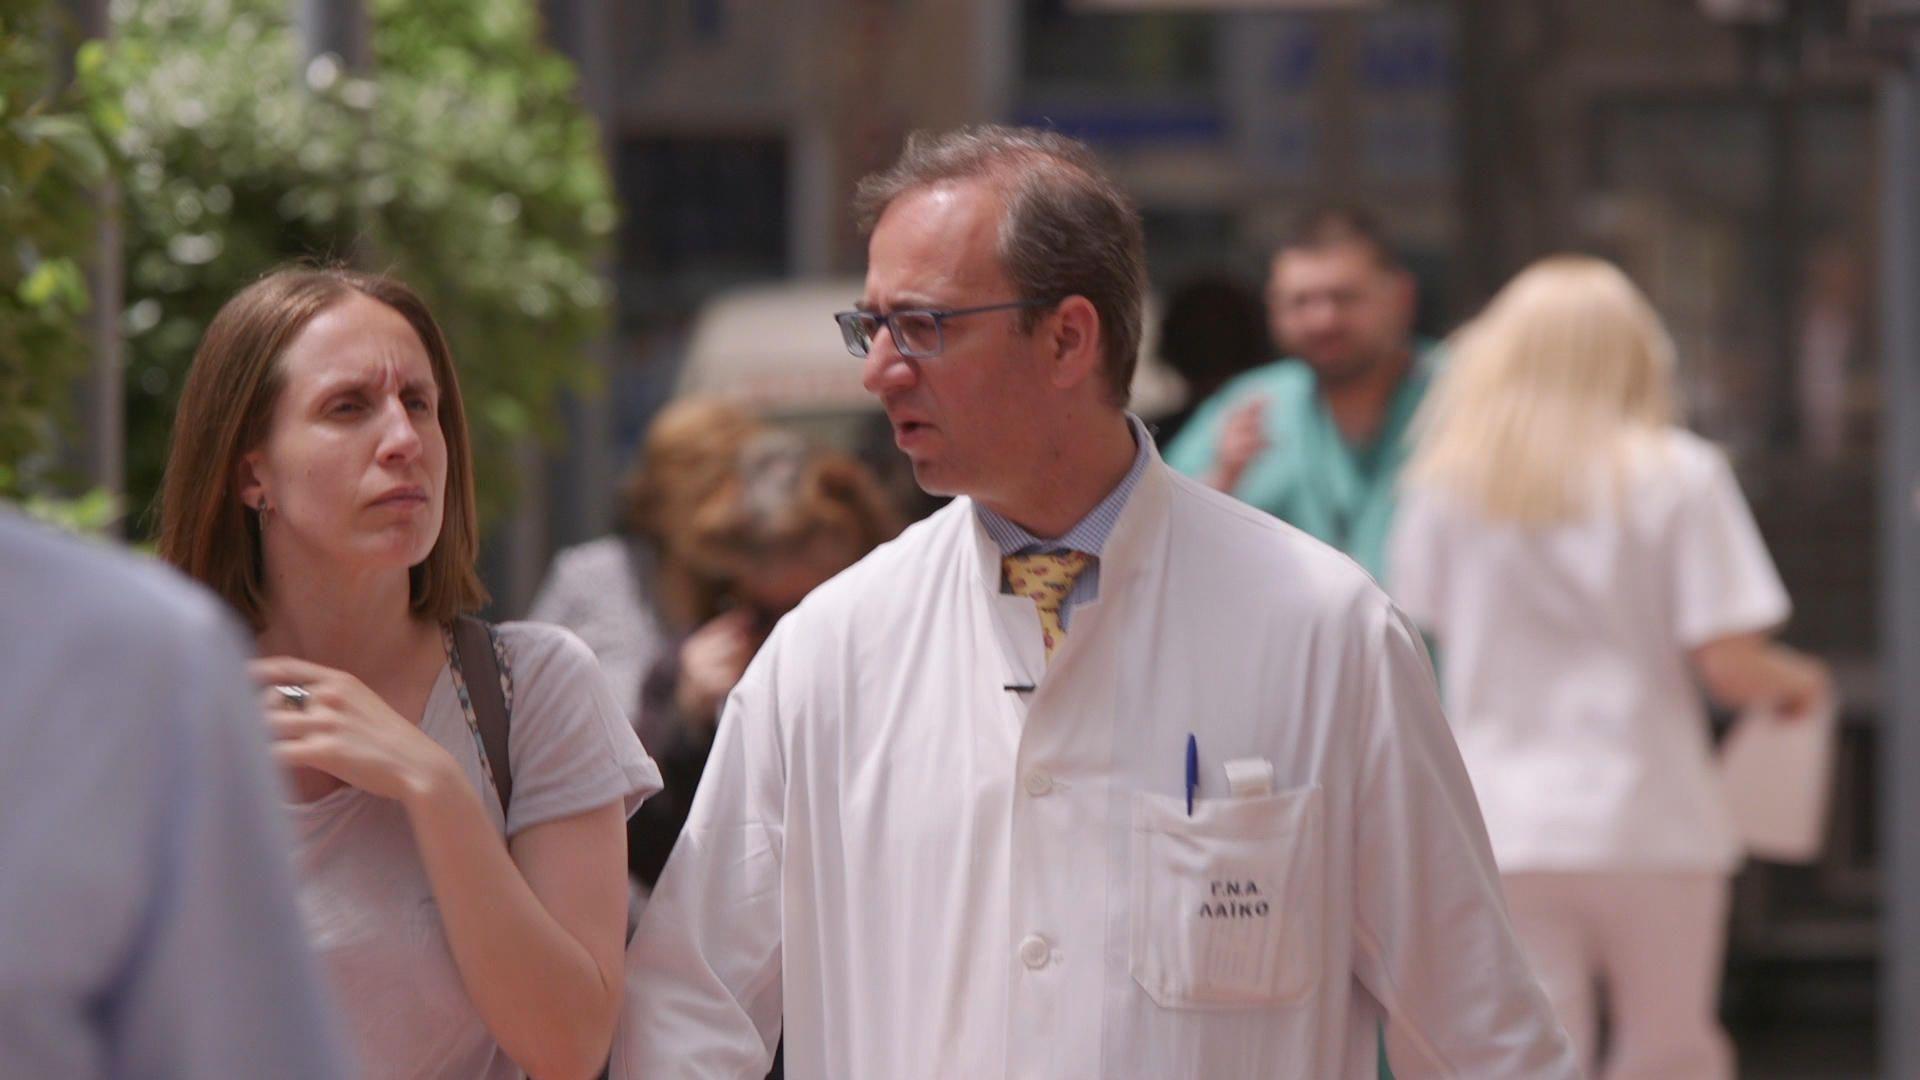 Ο Γιώργος Μαρίνος είναι γενικός χειρουργός και υπεύθυνος για το συντονισμό του Τμήματος Επειγόντων Περιστατικών στο Γενικό Νοσοκομείο Αθηνών «ΛΑΪΚΟ». Τα ωράρια της δουλειάς είναι πια πολύ απαιτητικά στο δημόσιο νοσοκομείο λόγω των σημαντικών ελλείψεων σε προσωπικό και πολλές φορές τα σημάδια της εξουθένωσης είναι ορατά. Η Κατερίνα Βασίλειου τον συνάντησε σε μια από τις δύσκολες μέρες του νοσοκομείου σε μέρα γενικής εφημερίας, όπου οι ώρες δουλειάς του ξεπερνούν κάποιες φορές τις 32.